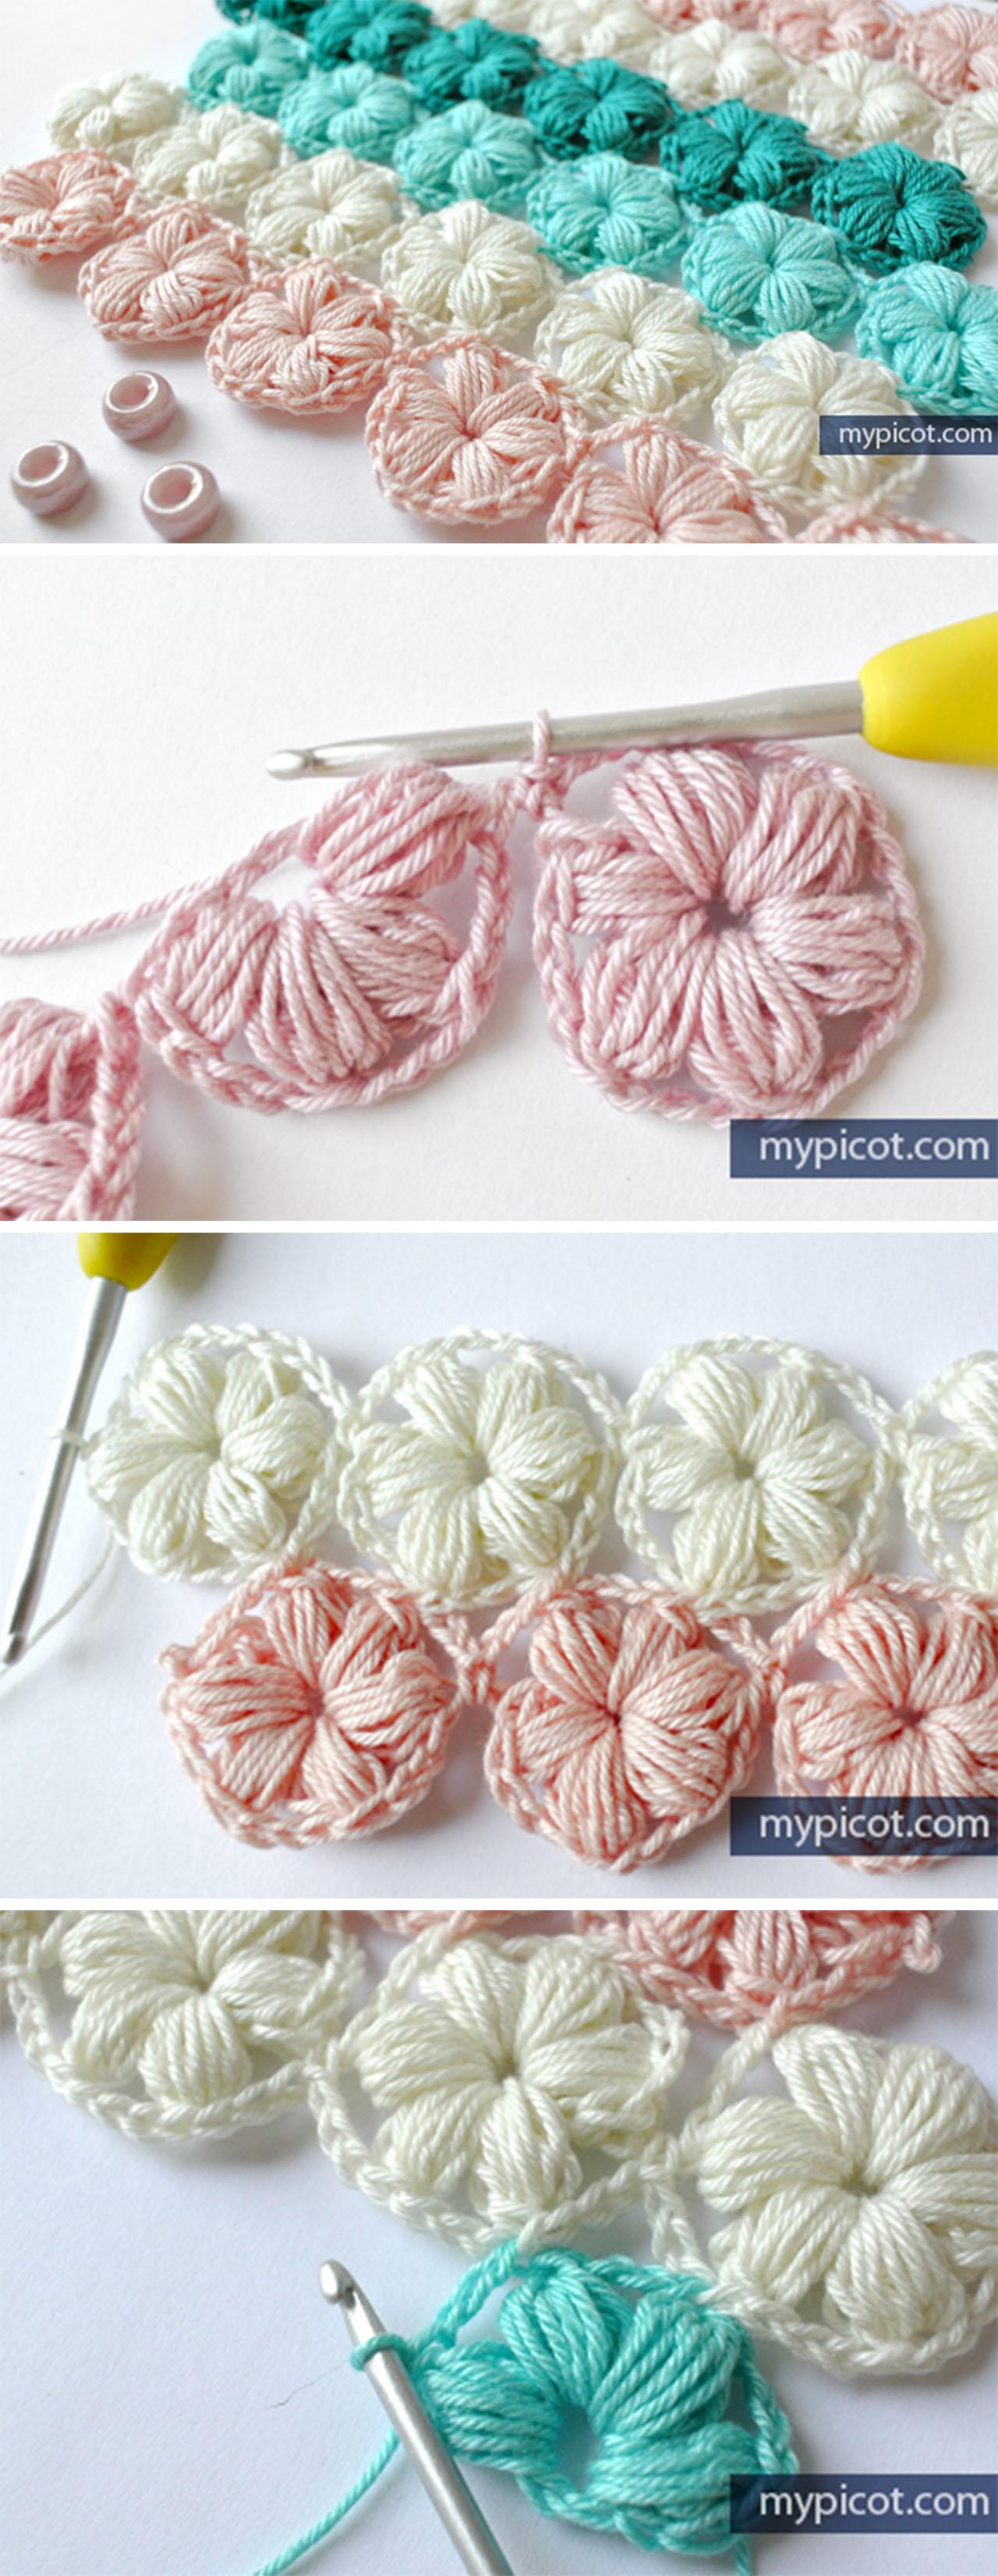 Crochet Puff Stitch Flower Free Pattern : Flower Puff Stitch Crochet Free Pattern CrochetBeja